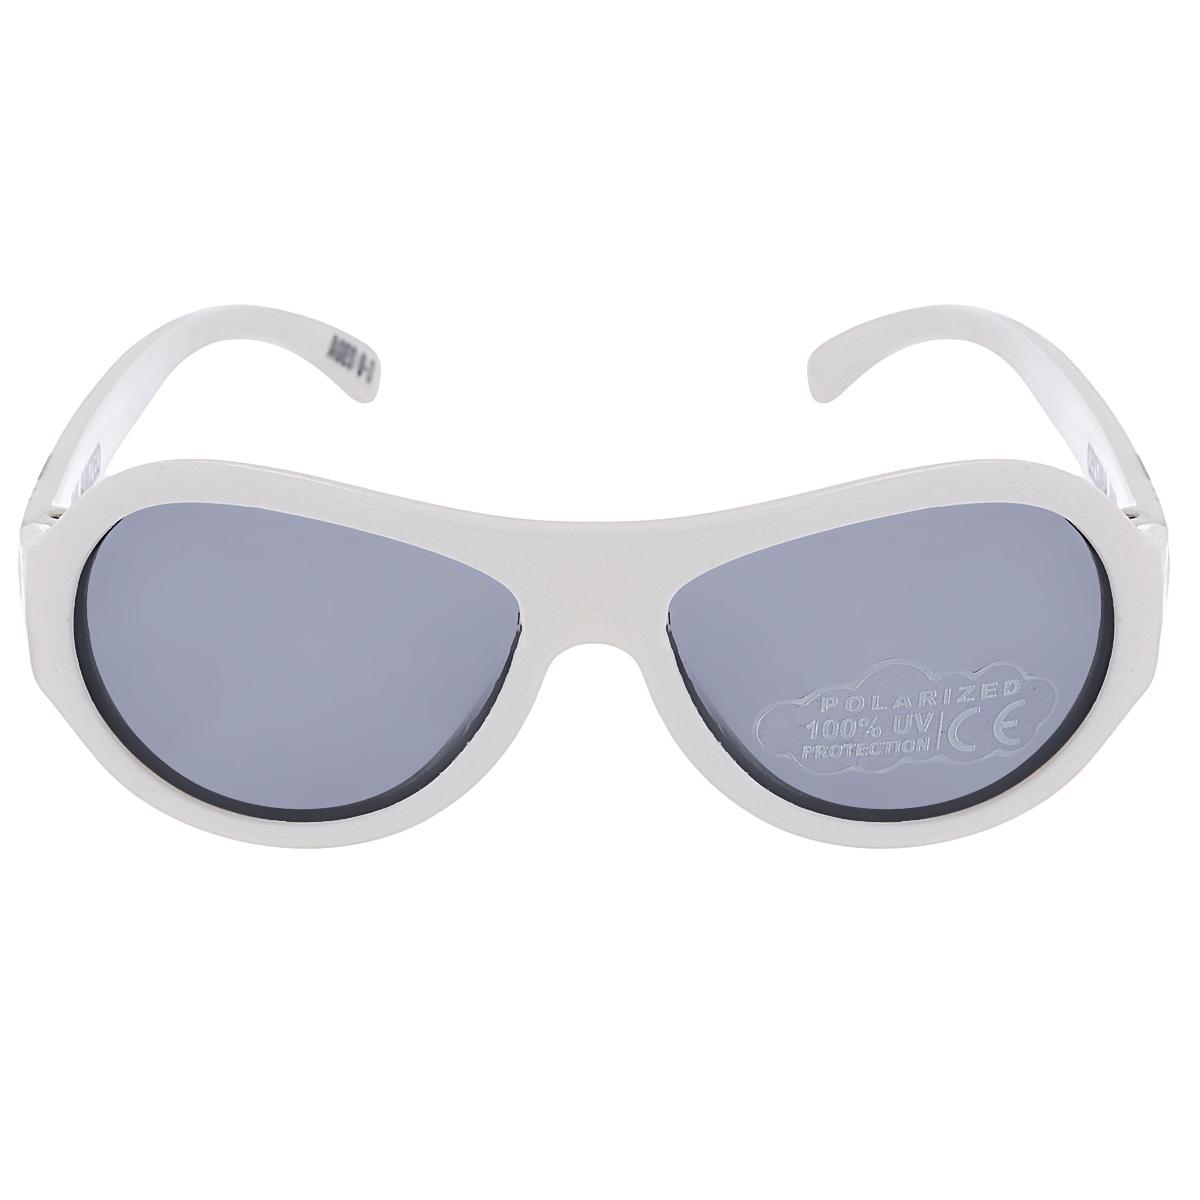 Детские солнцезащитные очки Babiators Вечеринка (Party Animal), поляризационные, с футляром, цвет: белый, 3-7 летBAB-054Защита глаз всегда в моде. Вы делаете все возможное, чтобы ваши дети были здоровы и в безопасности. Шлемы для езды на велосипеде, солнцезащитный крем для прогулок на солнце... Но как насчёт влияния солнца на глаза вашего ребёнка? Правда в том, что сетчатка глаза у детей развивается вместе с самим ребёнком. Это означает, что глаза малышей не могут отфильтровать УФ-излучение. Добавьте к этому тот факт, что дети за год получают трёхкратную дозу солнечного воздействия на взрослого человека (доклад Vision Council Report 2013, США). Проблема понятна - детям нужна настоящая защита, чтобы глазки были в безопасности, а зрение сильным. Каждая пара солнцезащитных очков Babiators для детей обеспечивает 100% защиту от UVA и UVB. Прочные линзы высшего качества не подведут в самых сложных переделках. В отличие от обычных пластиковых очков, оправа Babiators выполнена из гибкого прорезиненного материала, что делает их ударопрочными, их можно сгибать и крутить - они не сломаются и...